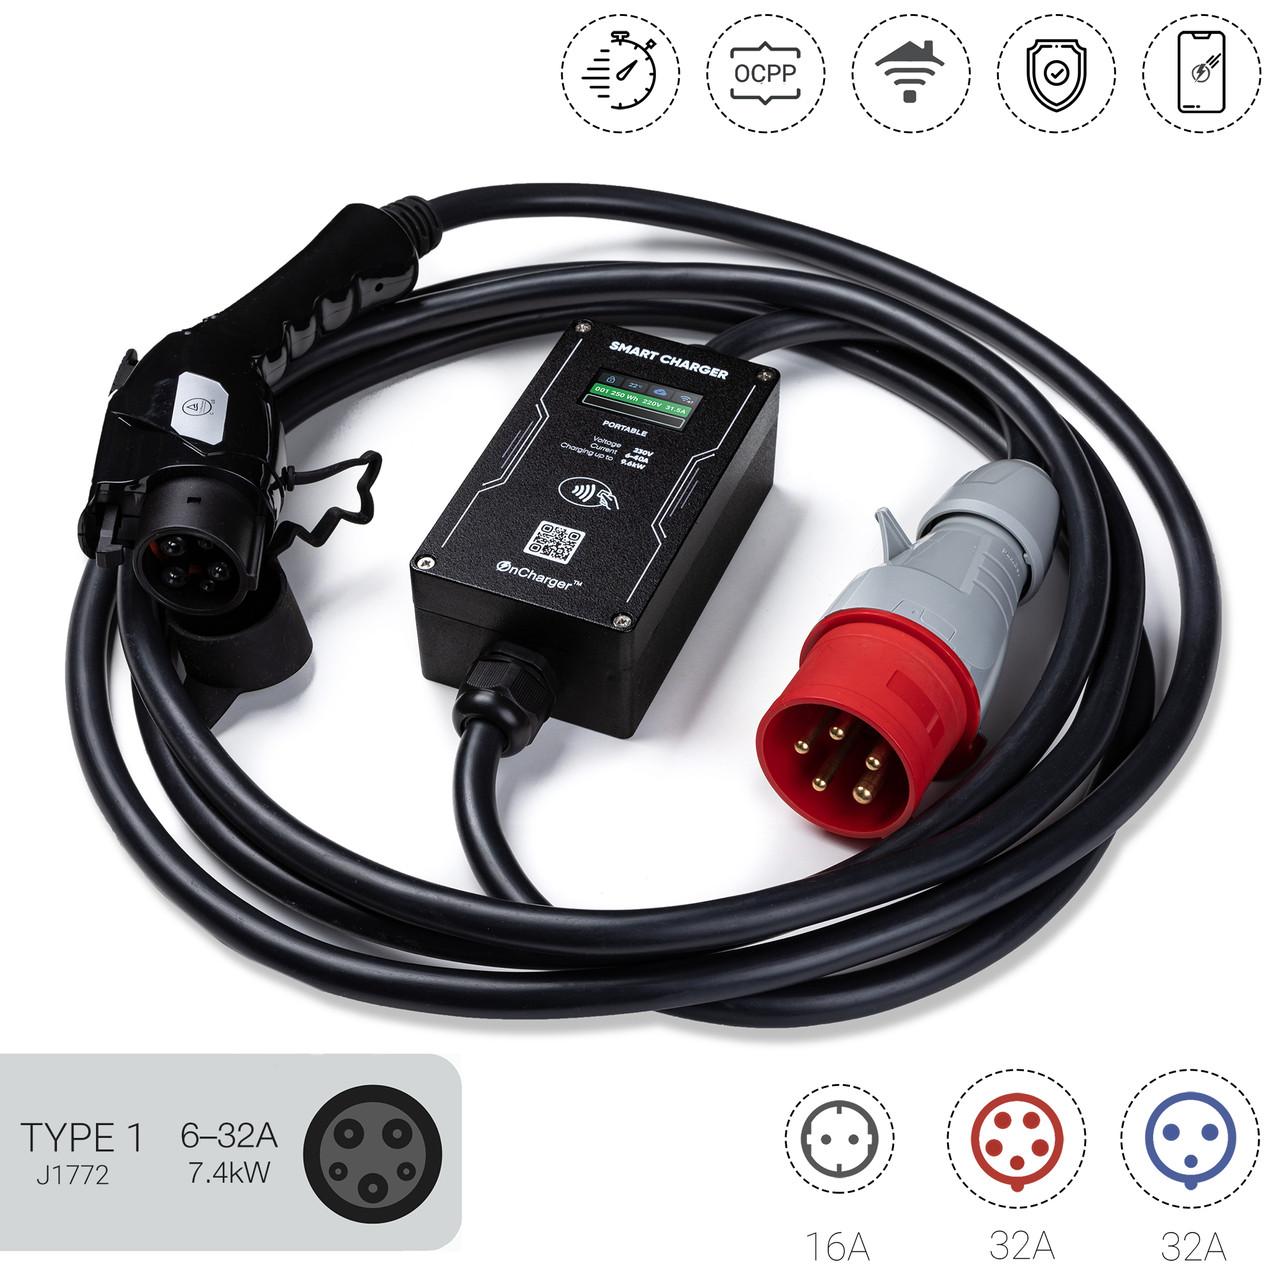 Зарядний пристрій OnCharger 32A 7kW c WiFi для електромобіля Jaguar i-pace Type1 або Type2